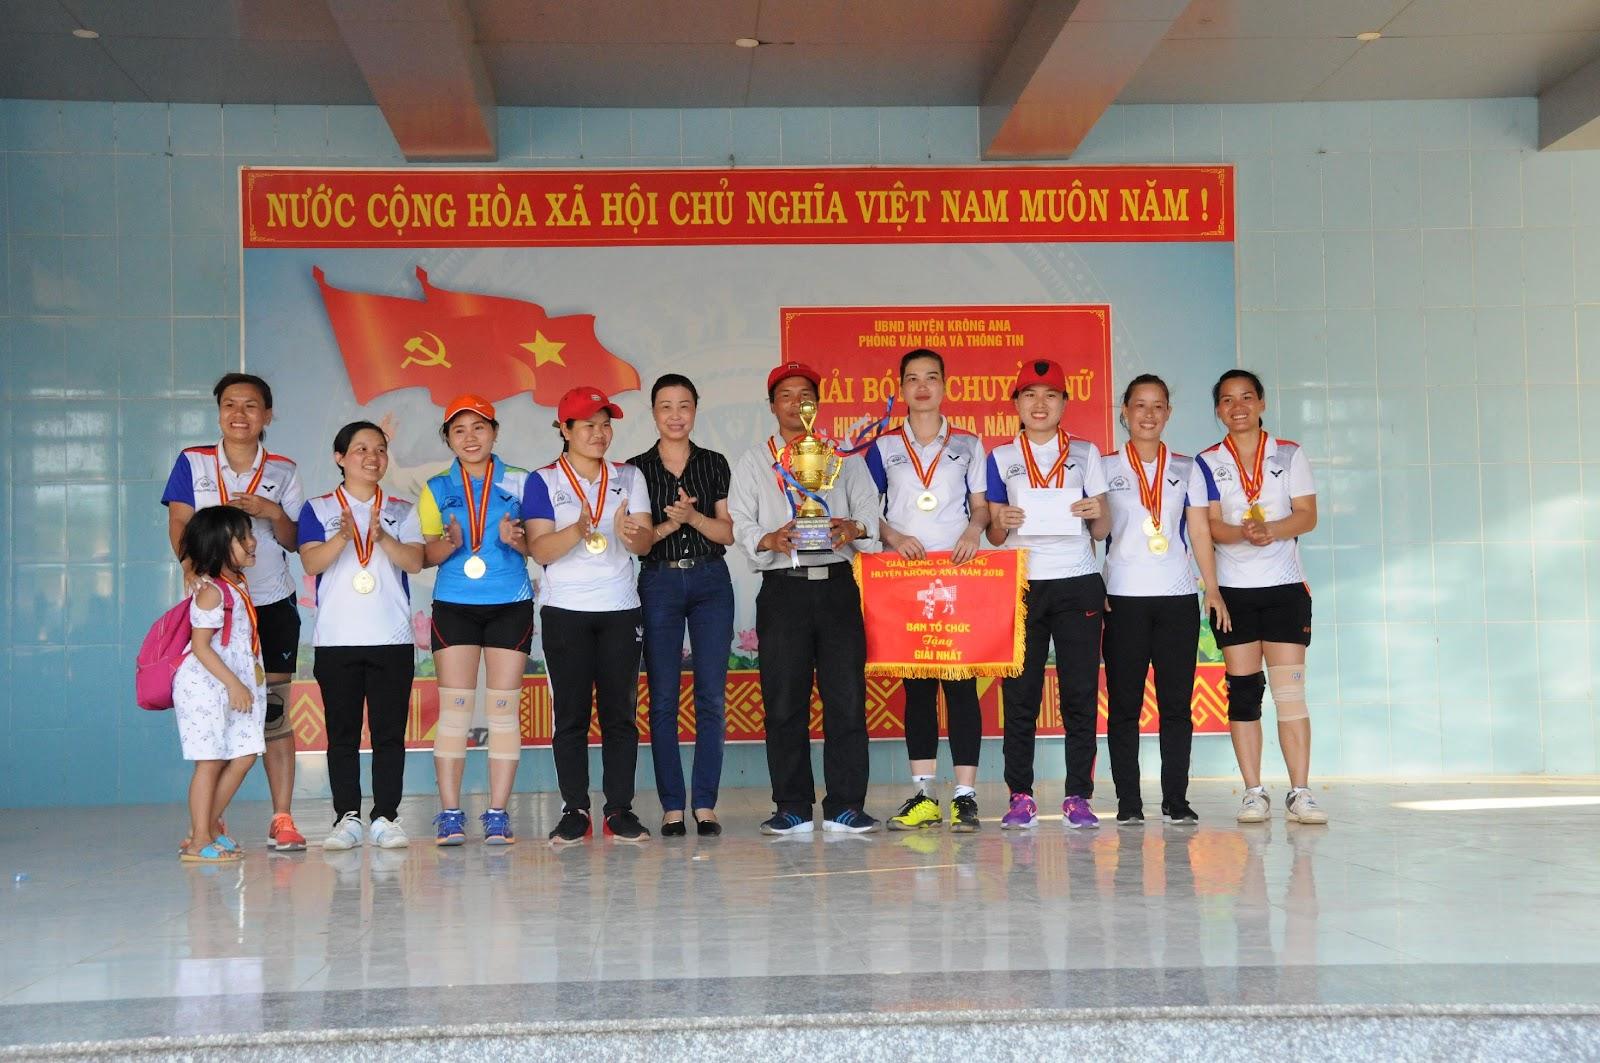 Giải bóng chuyền nữ huyện Krông Ana năm 2018